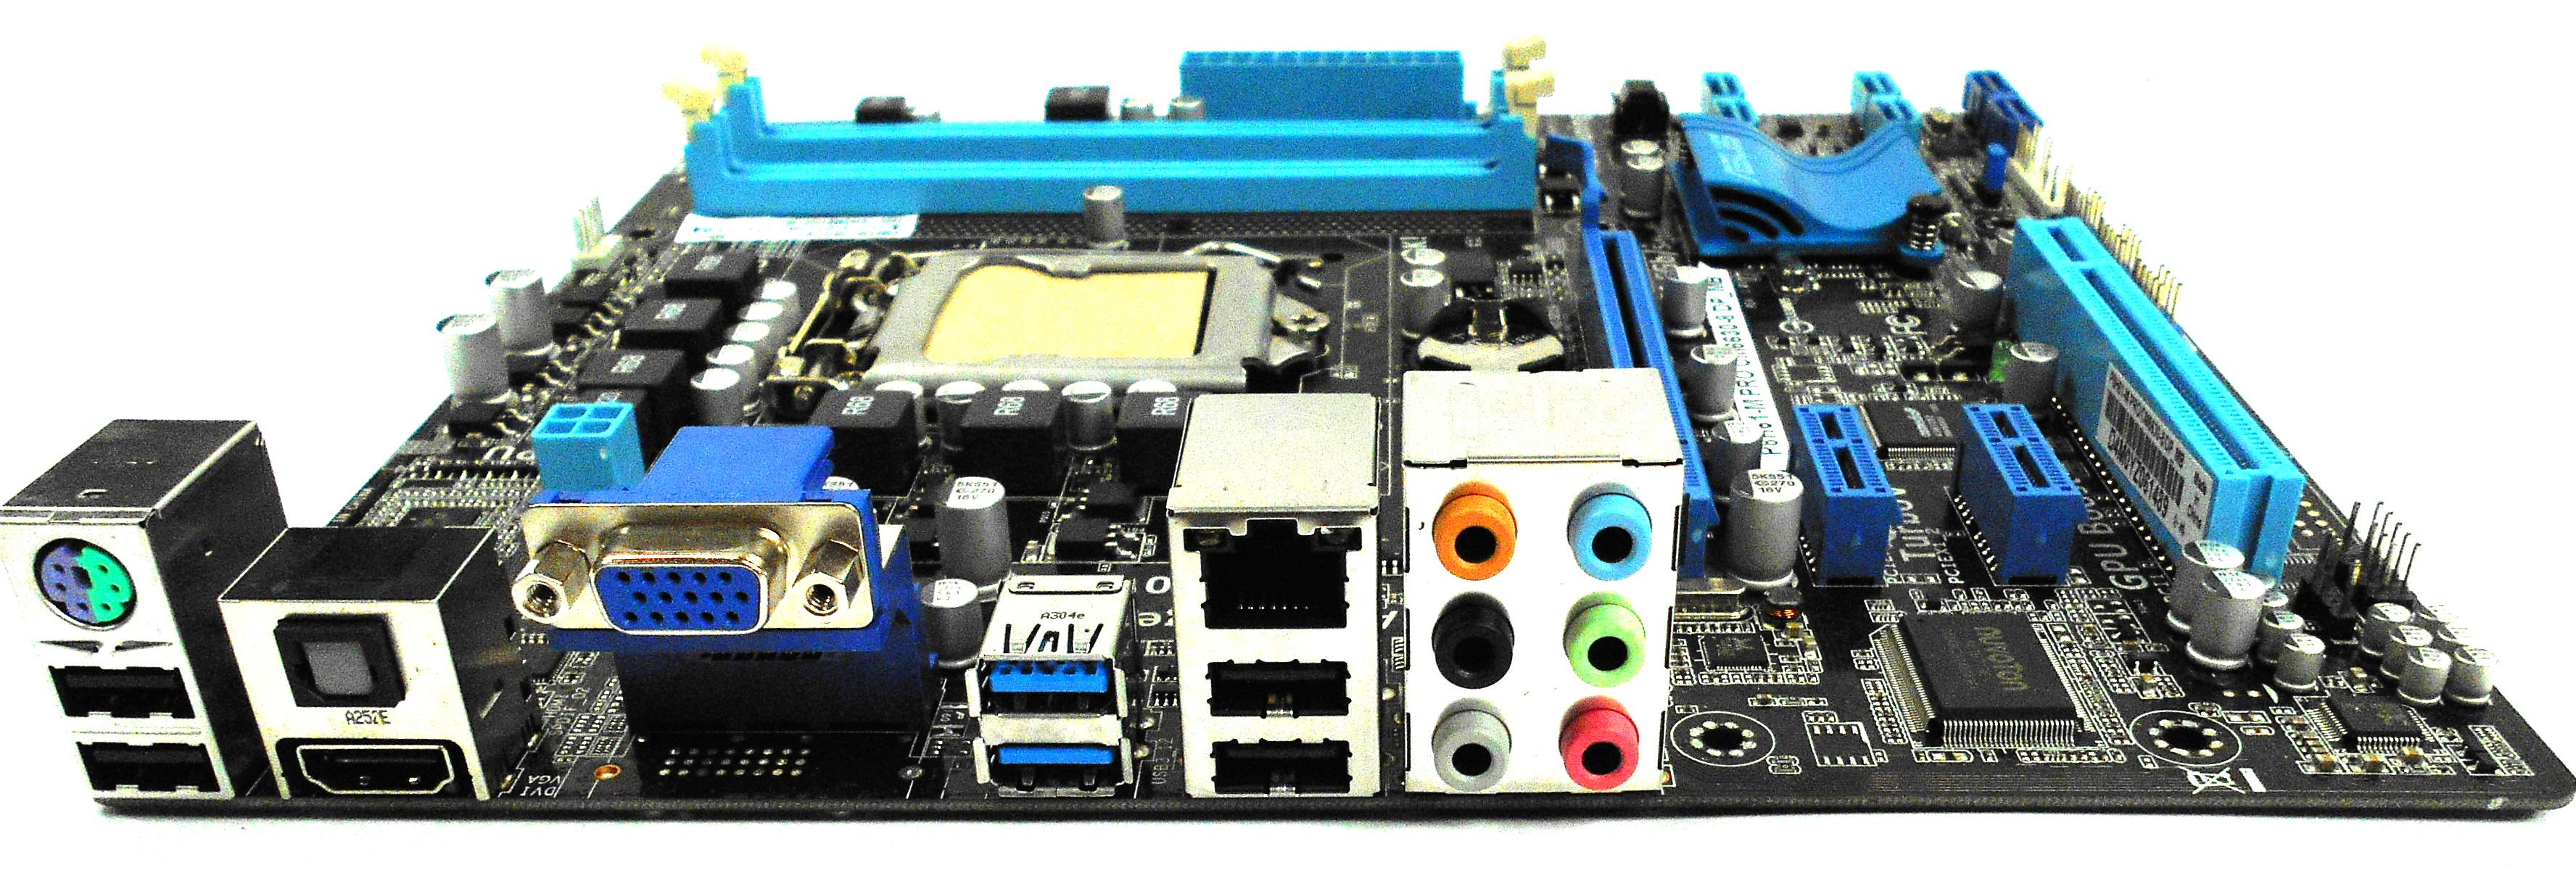 Asus lga 1155 motherboard drivers